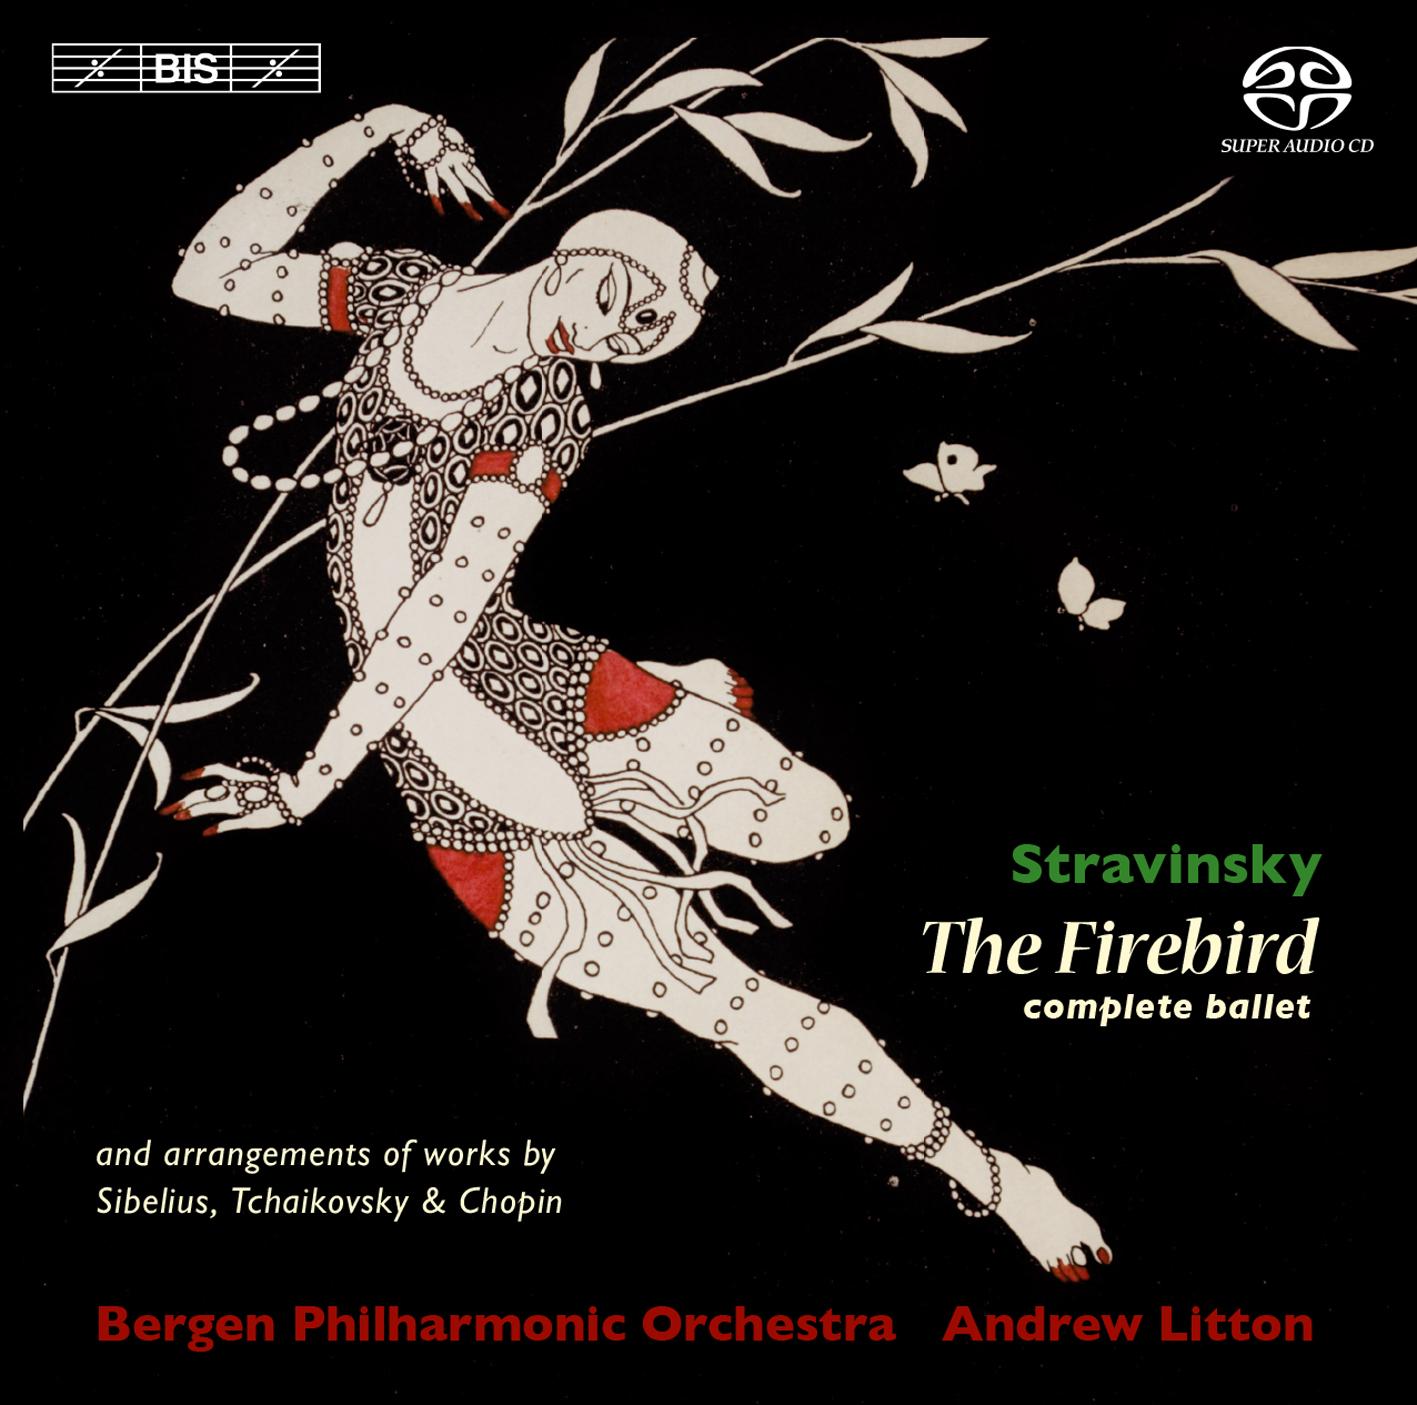 Bis Records Stravinsky The Firebird